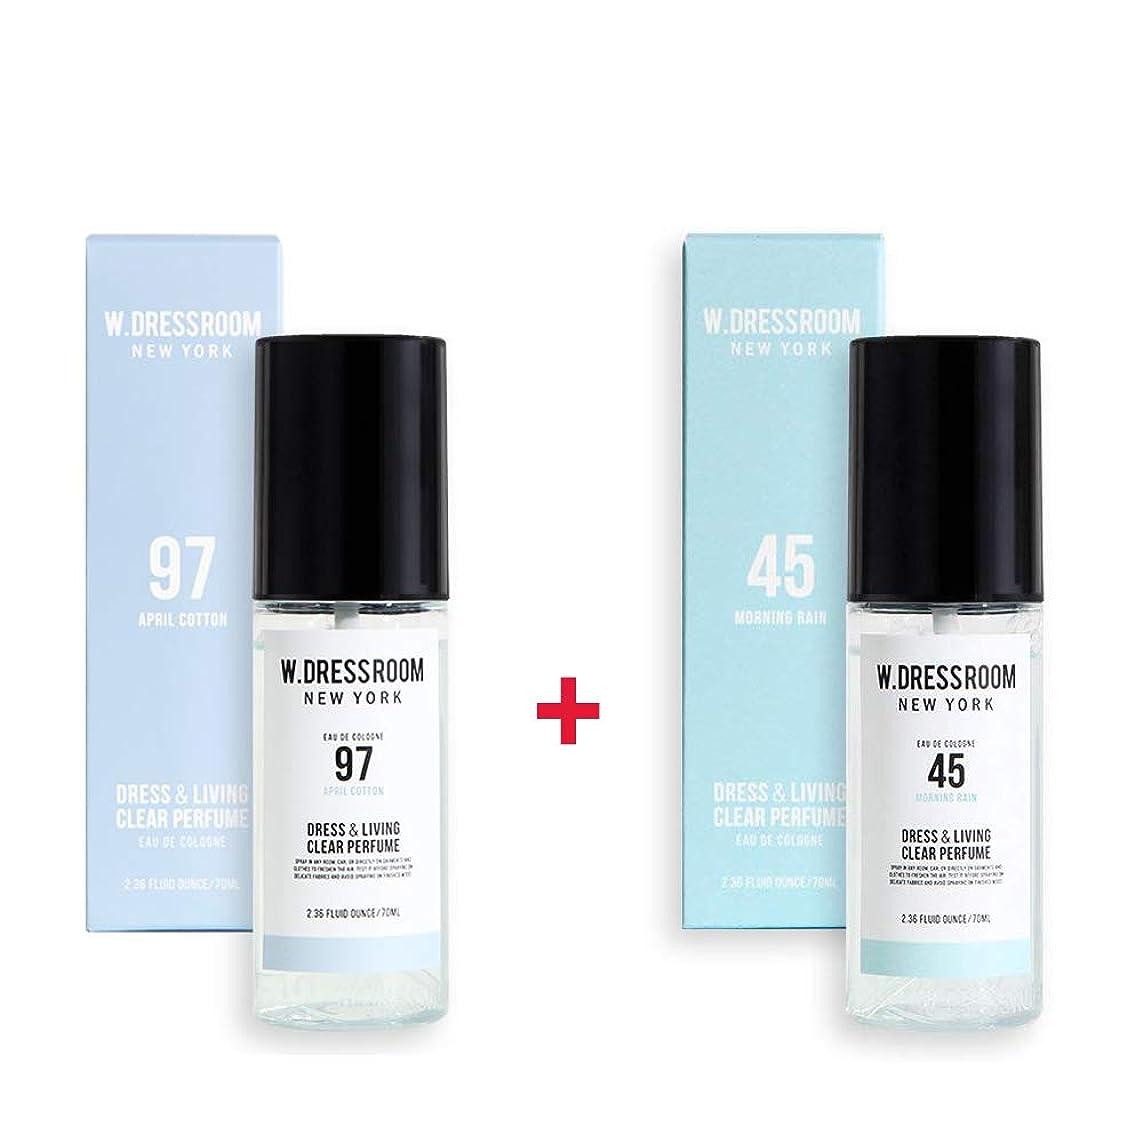 精査する極地オデュッセウスW.DRESSROOM Dress & Living Clear Perfume 70ml (No 97 April Cotton)+(No 45 Morning Rain)